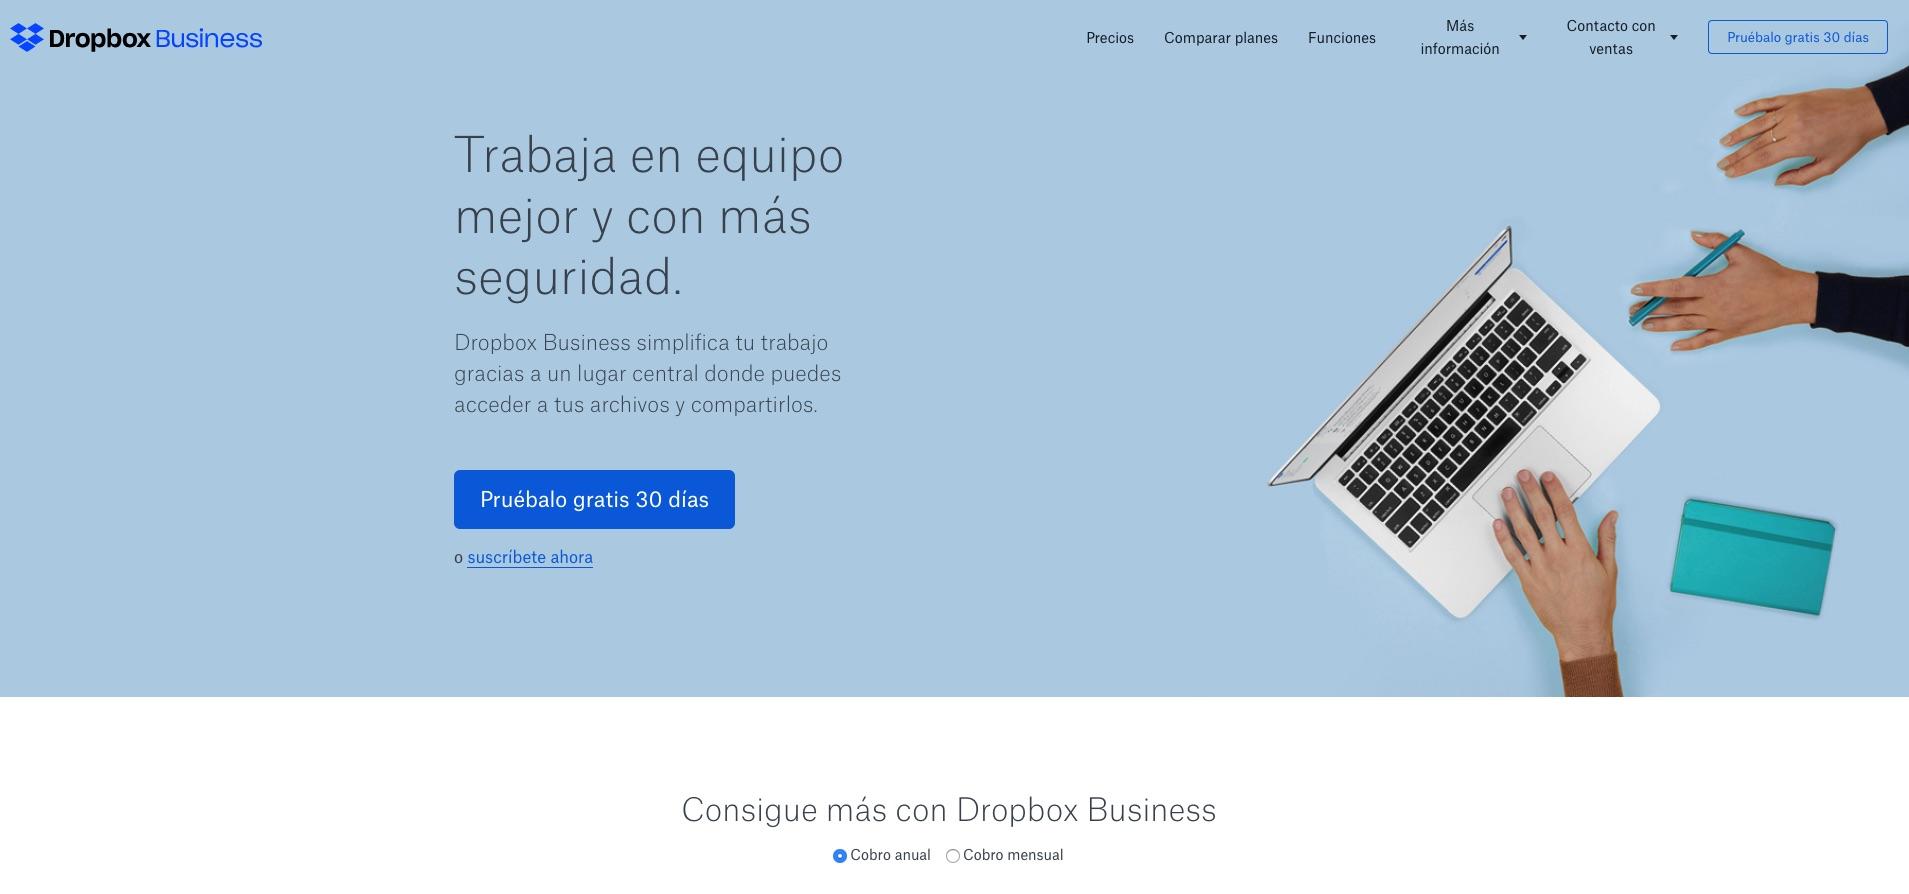 Dropbox usa mucho el color azul para transmitir confianza y seguridad.